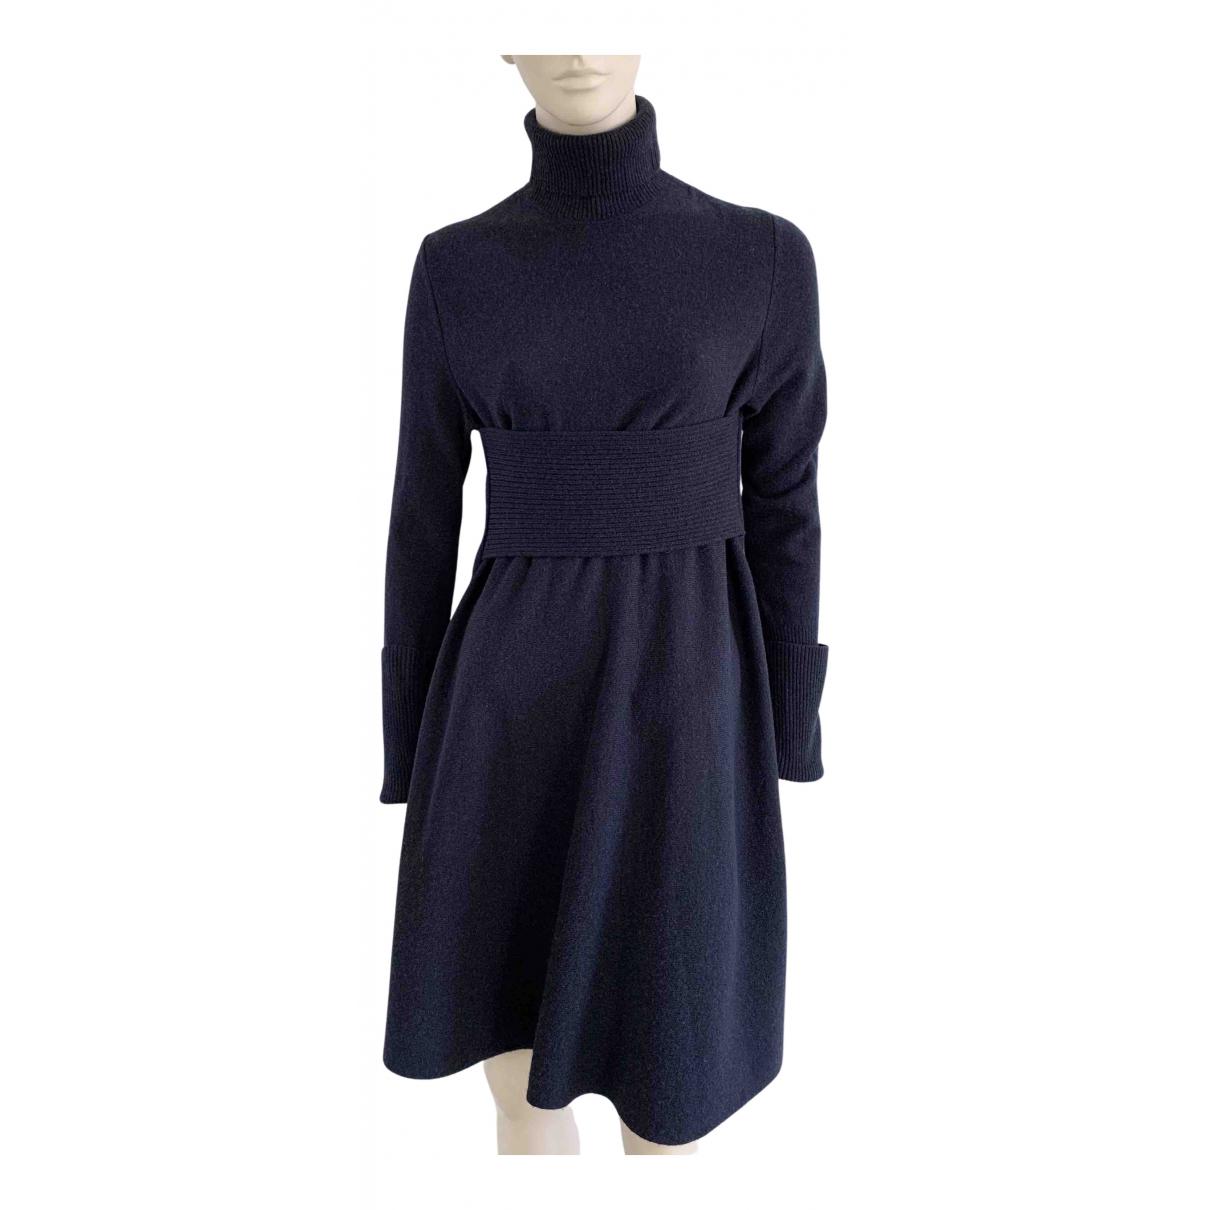 Cos \N Kleid in  Blau Wolle